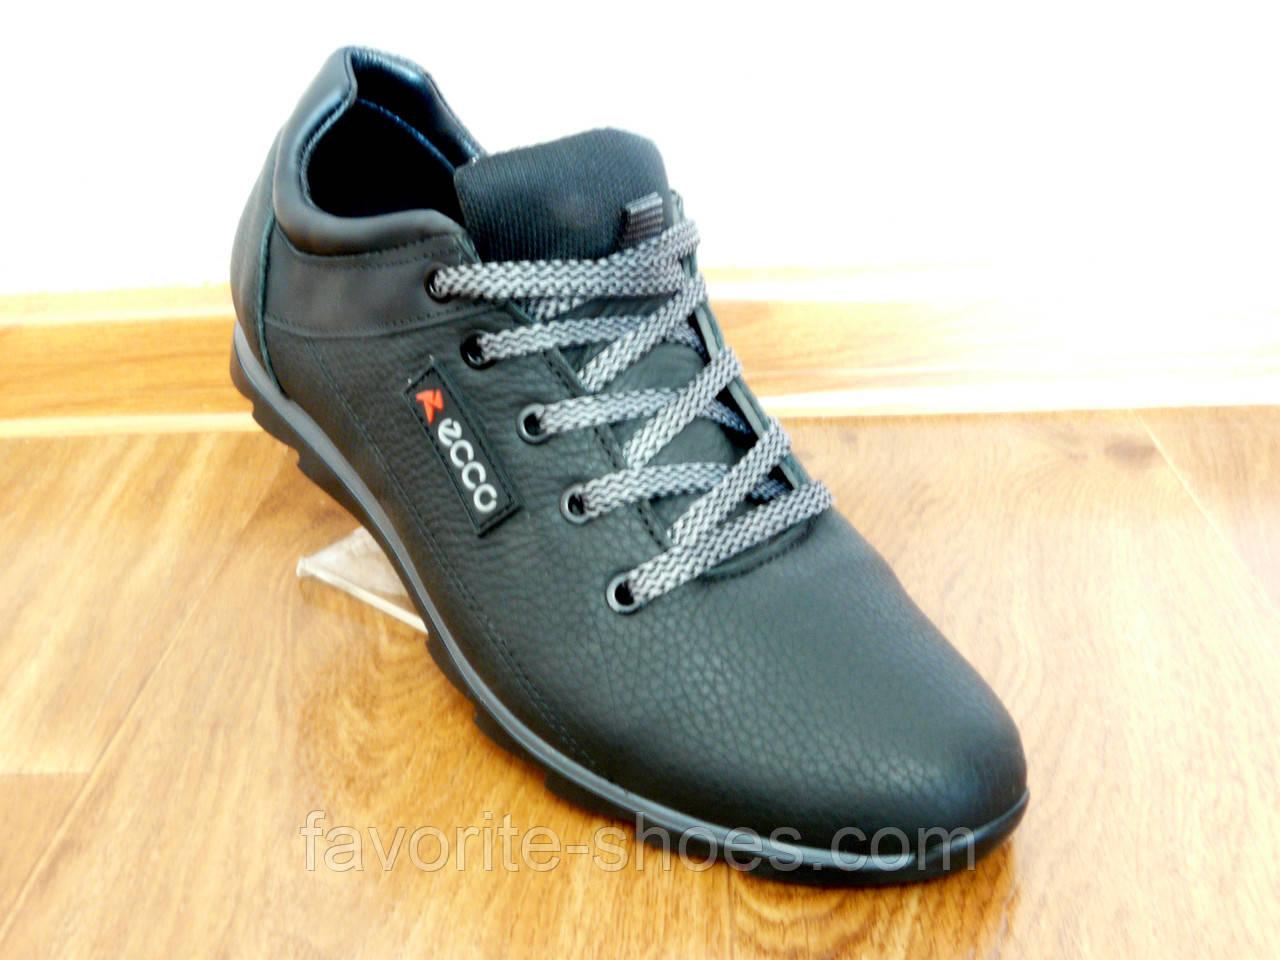 60b88e86 Кожаные мужские кроссовки ecco чер.: продажа, цена в Полтавской ...